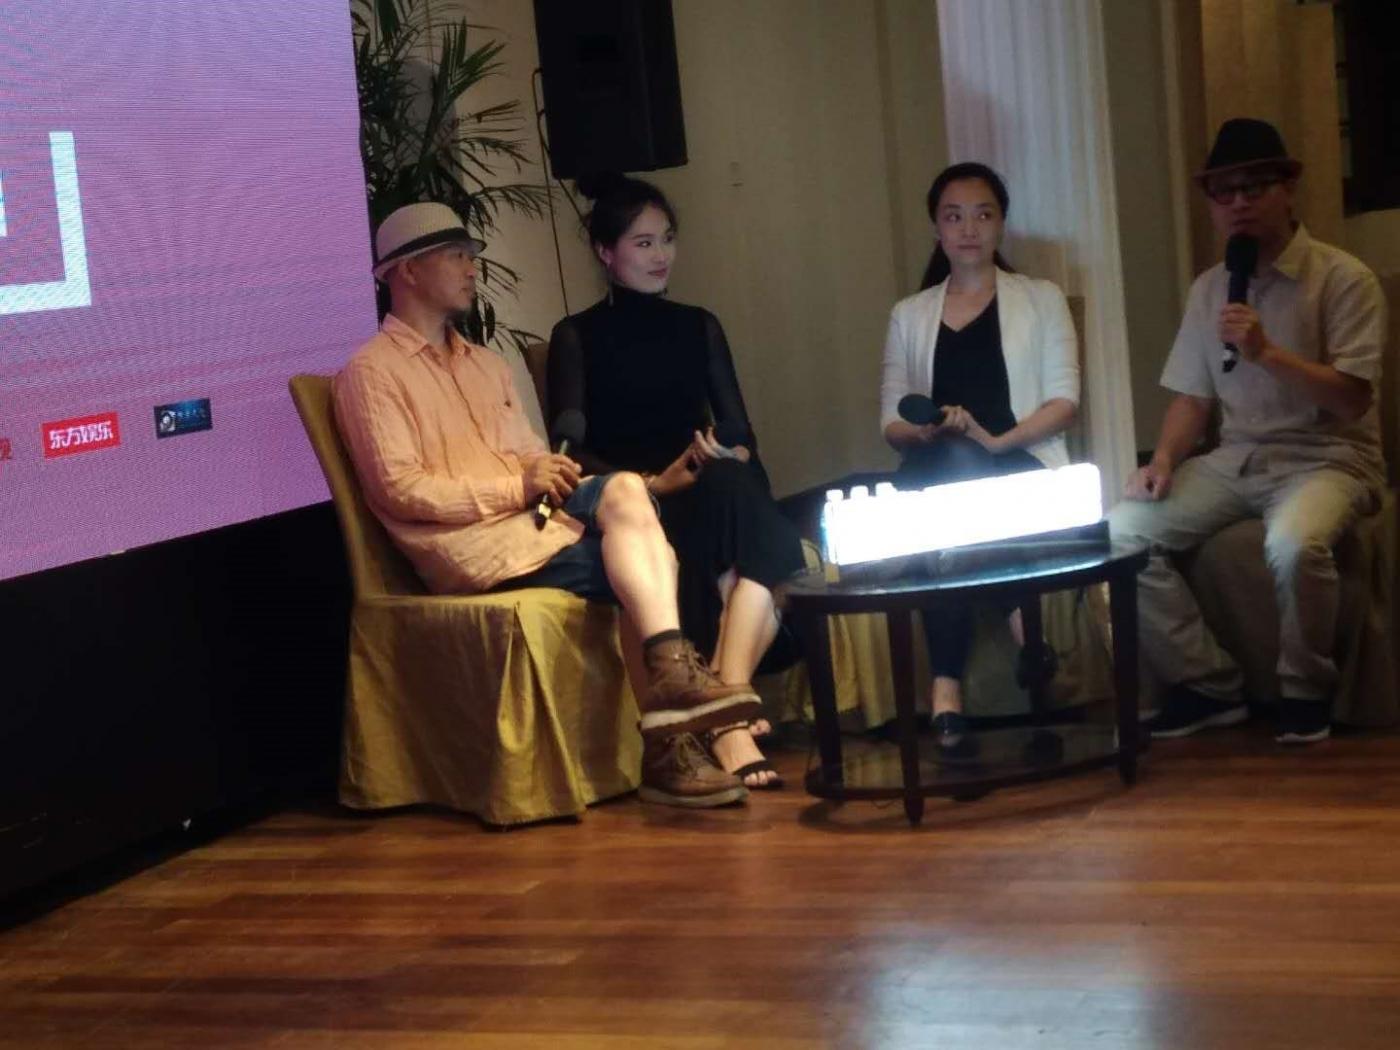 艺术家认为,意识是第一性的(上海思南会客厅)_图1-3